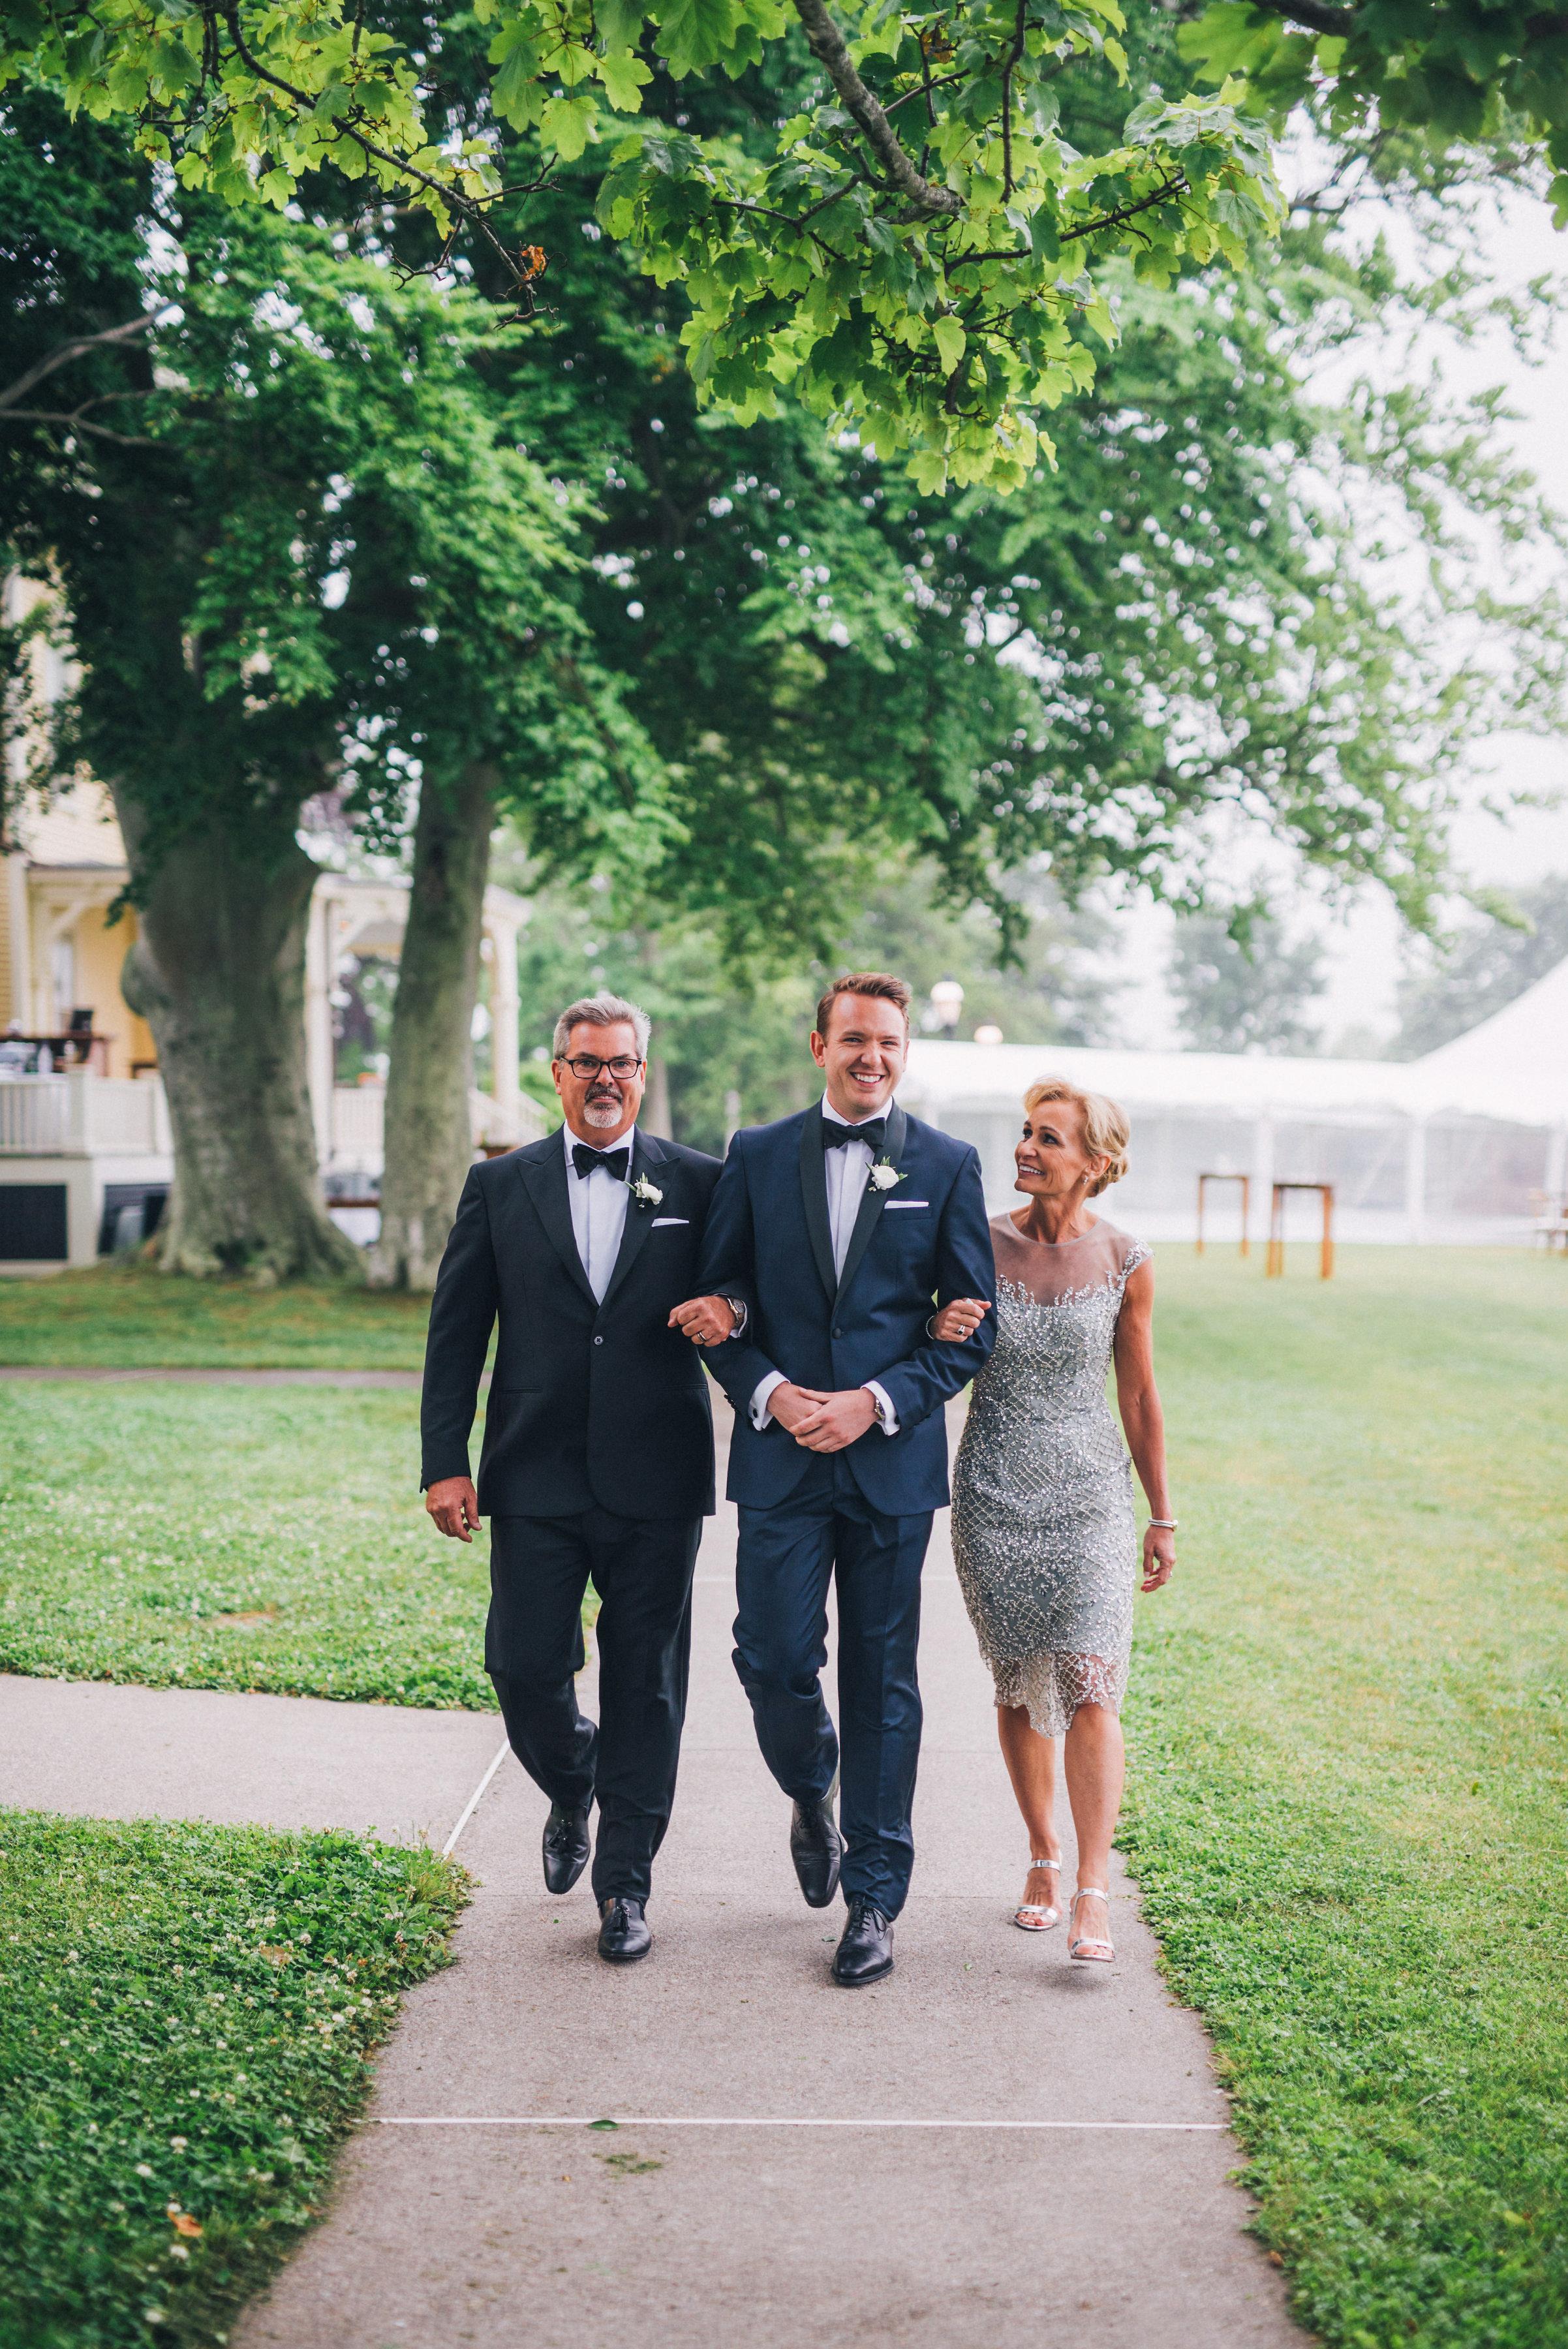 groom escorting parents up sidewalk